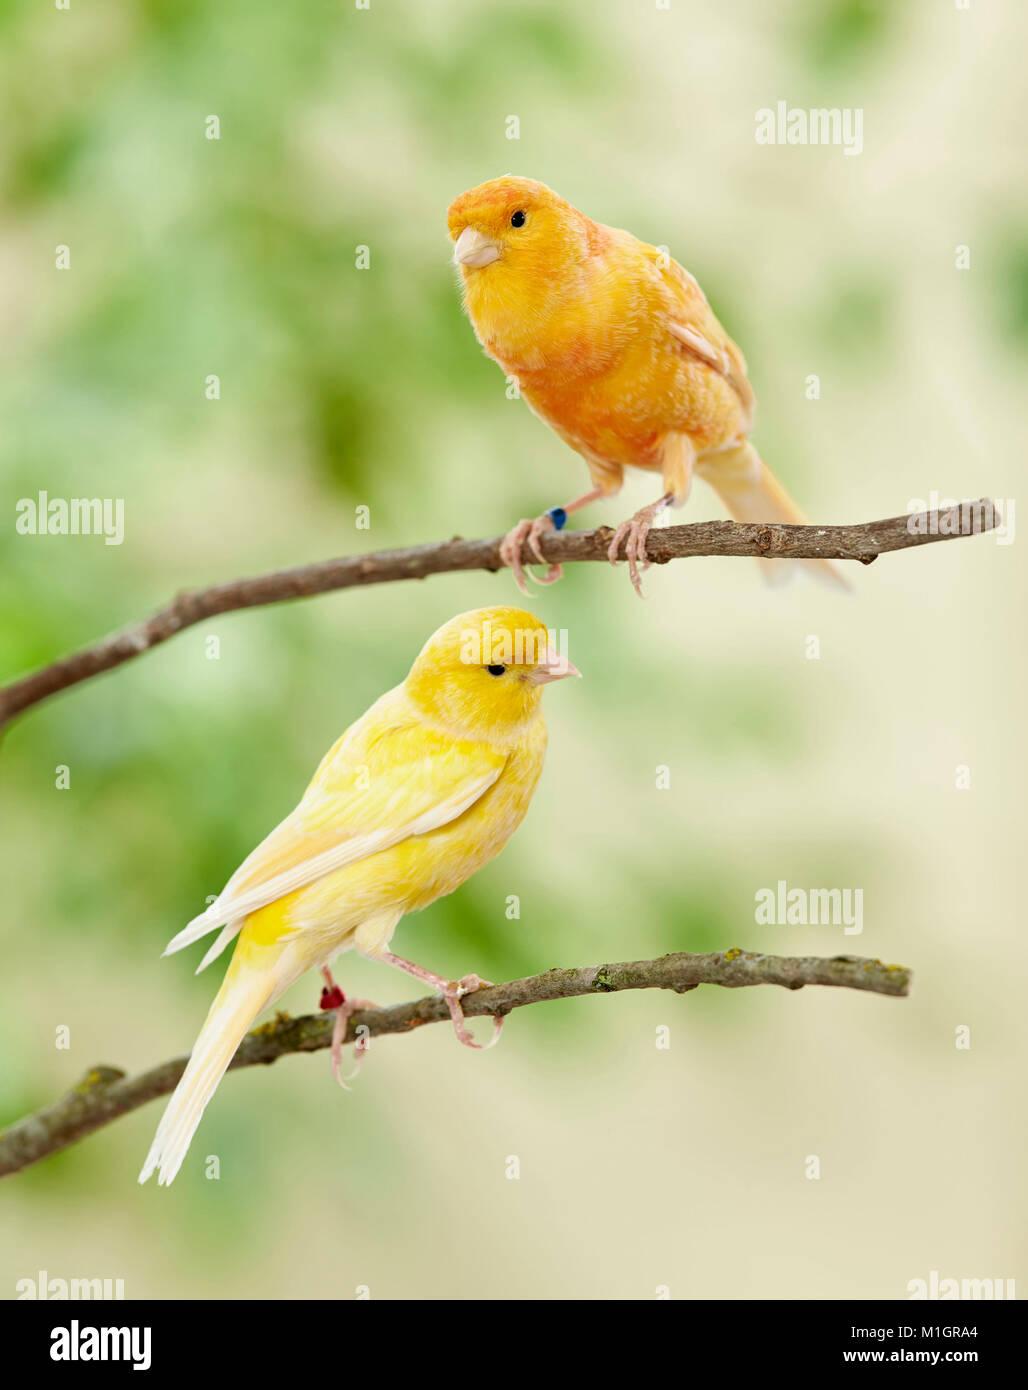 Inländische Kanarienvogel. Zwei Vögel verschiedener Farbe auf Ästen thront. Deutschland. Stockbild